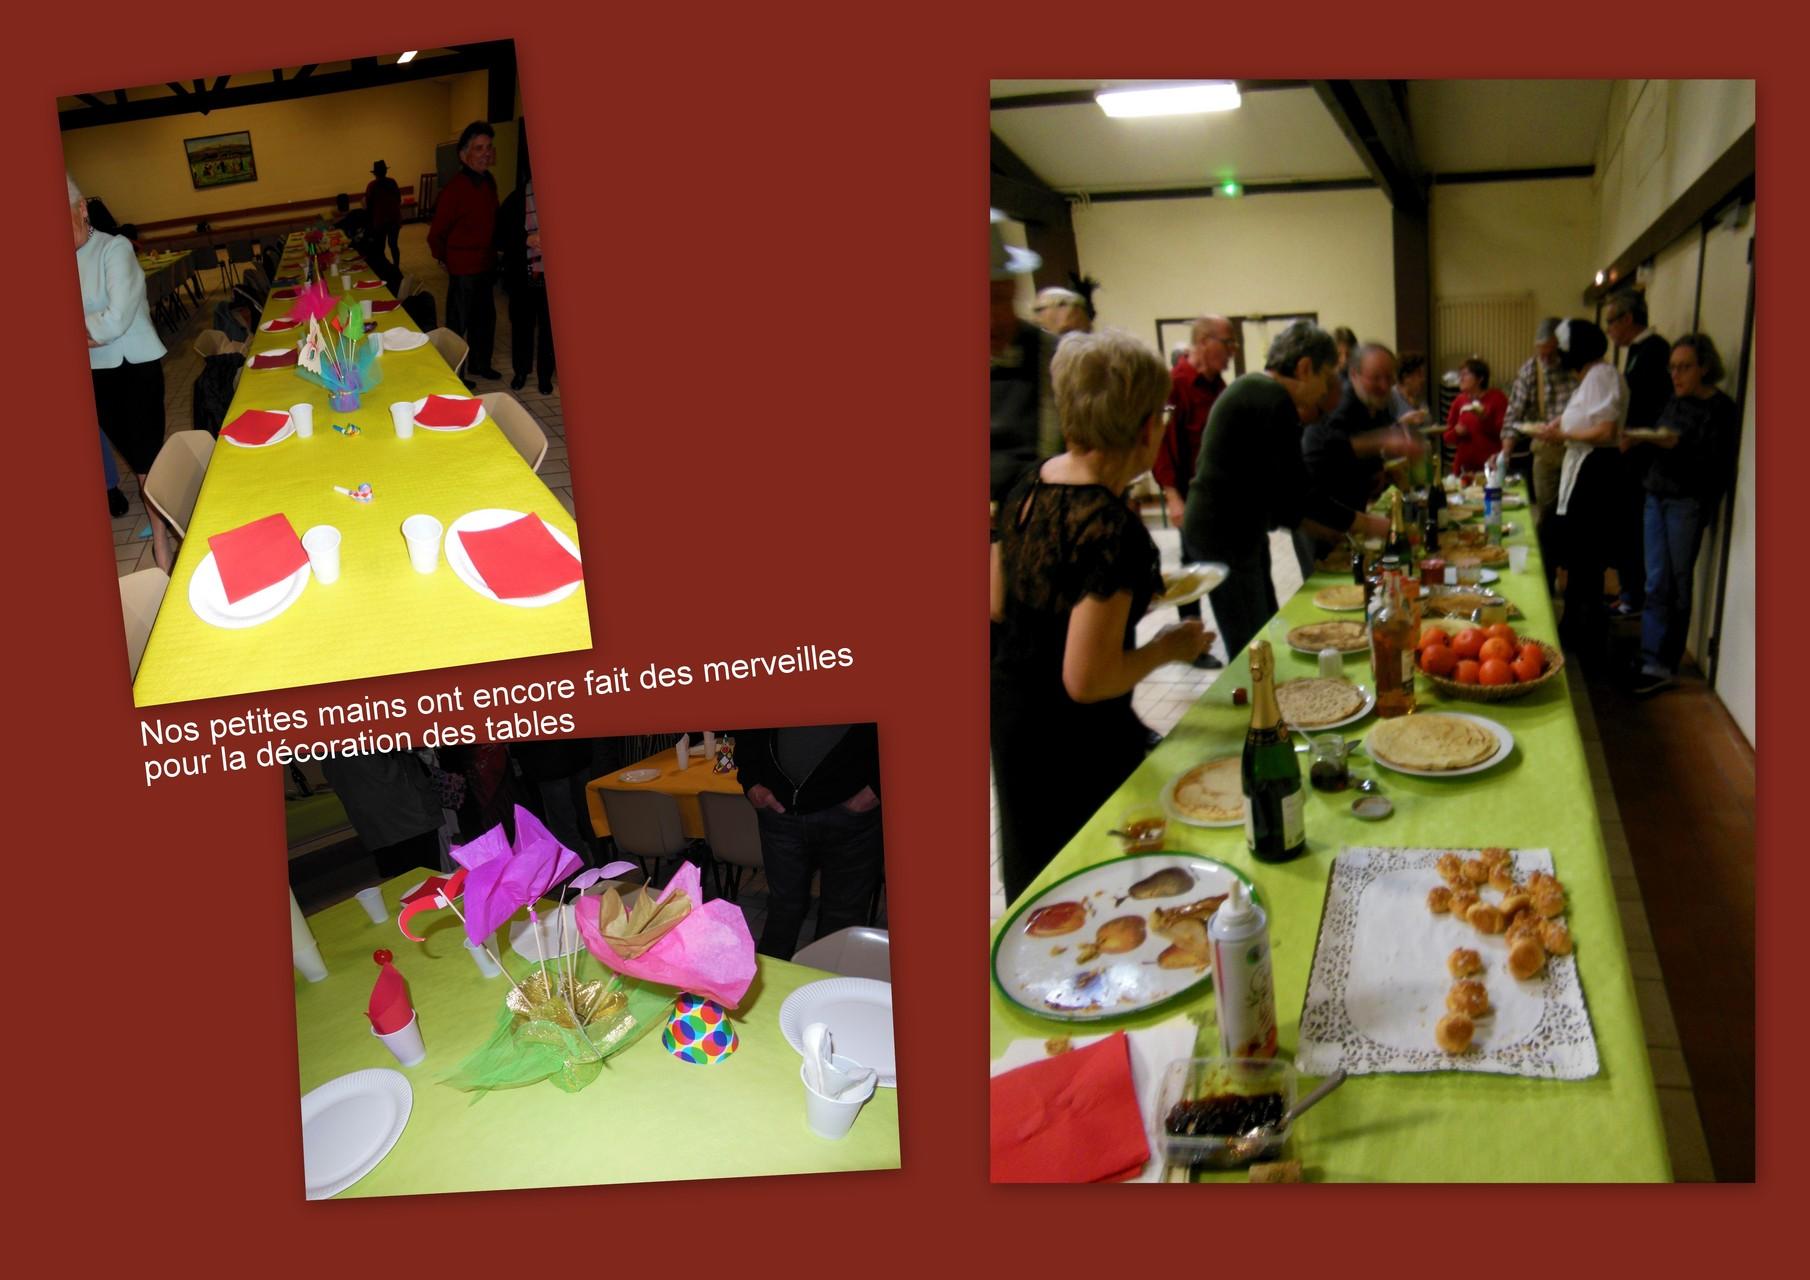 Un buffet bien garni et une décoration soignée sont le gage d'une soirée réussie